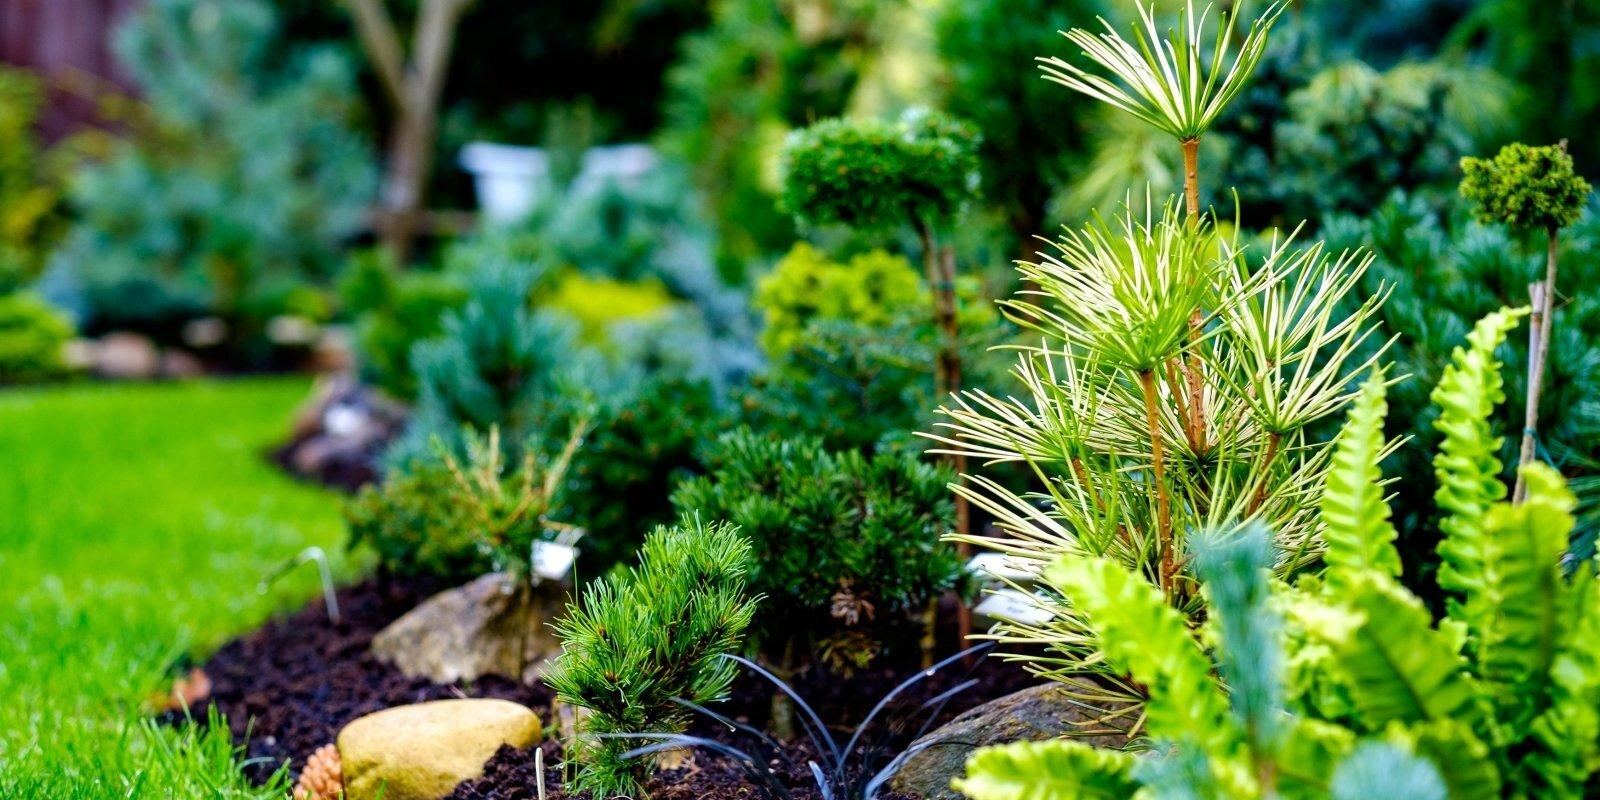 Ciemos Irēnas Rožkalnas skujeņu valstībā jeb dārzā, ko apbrīnot brauc no visas Eiropas